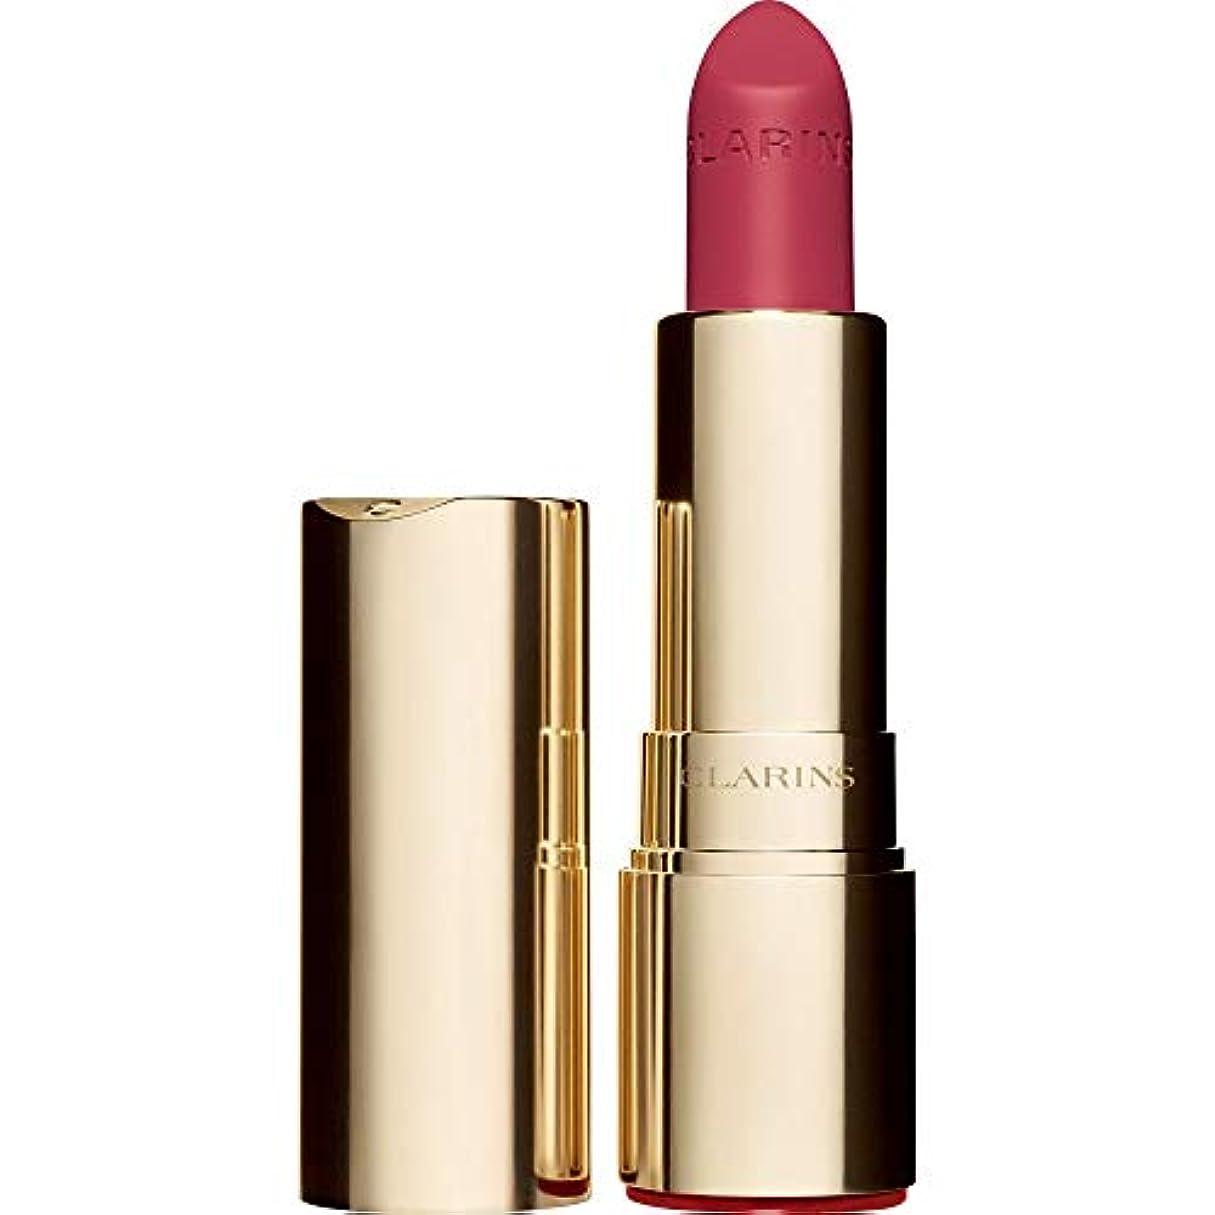 承認するアラバマ想定する[Clarins ] クラランスジョリルージュのベルベットの口紅3.5グラムの756V - グアバ - Clarins Joli Rouge Velvet Lipstick 3.5g 756V - Guava [並行輸入品]